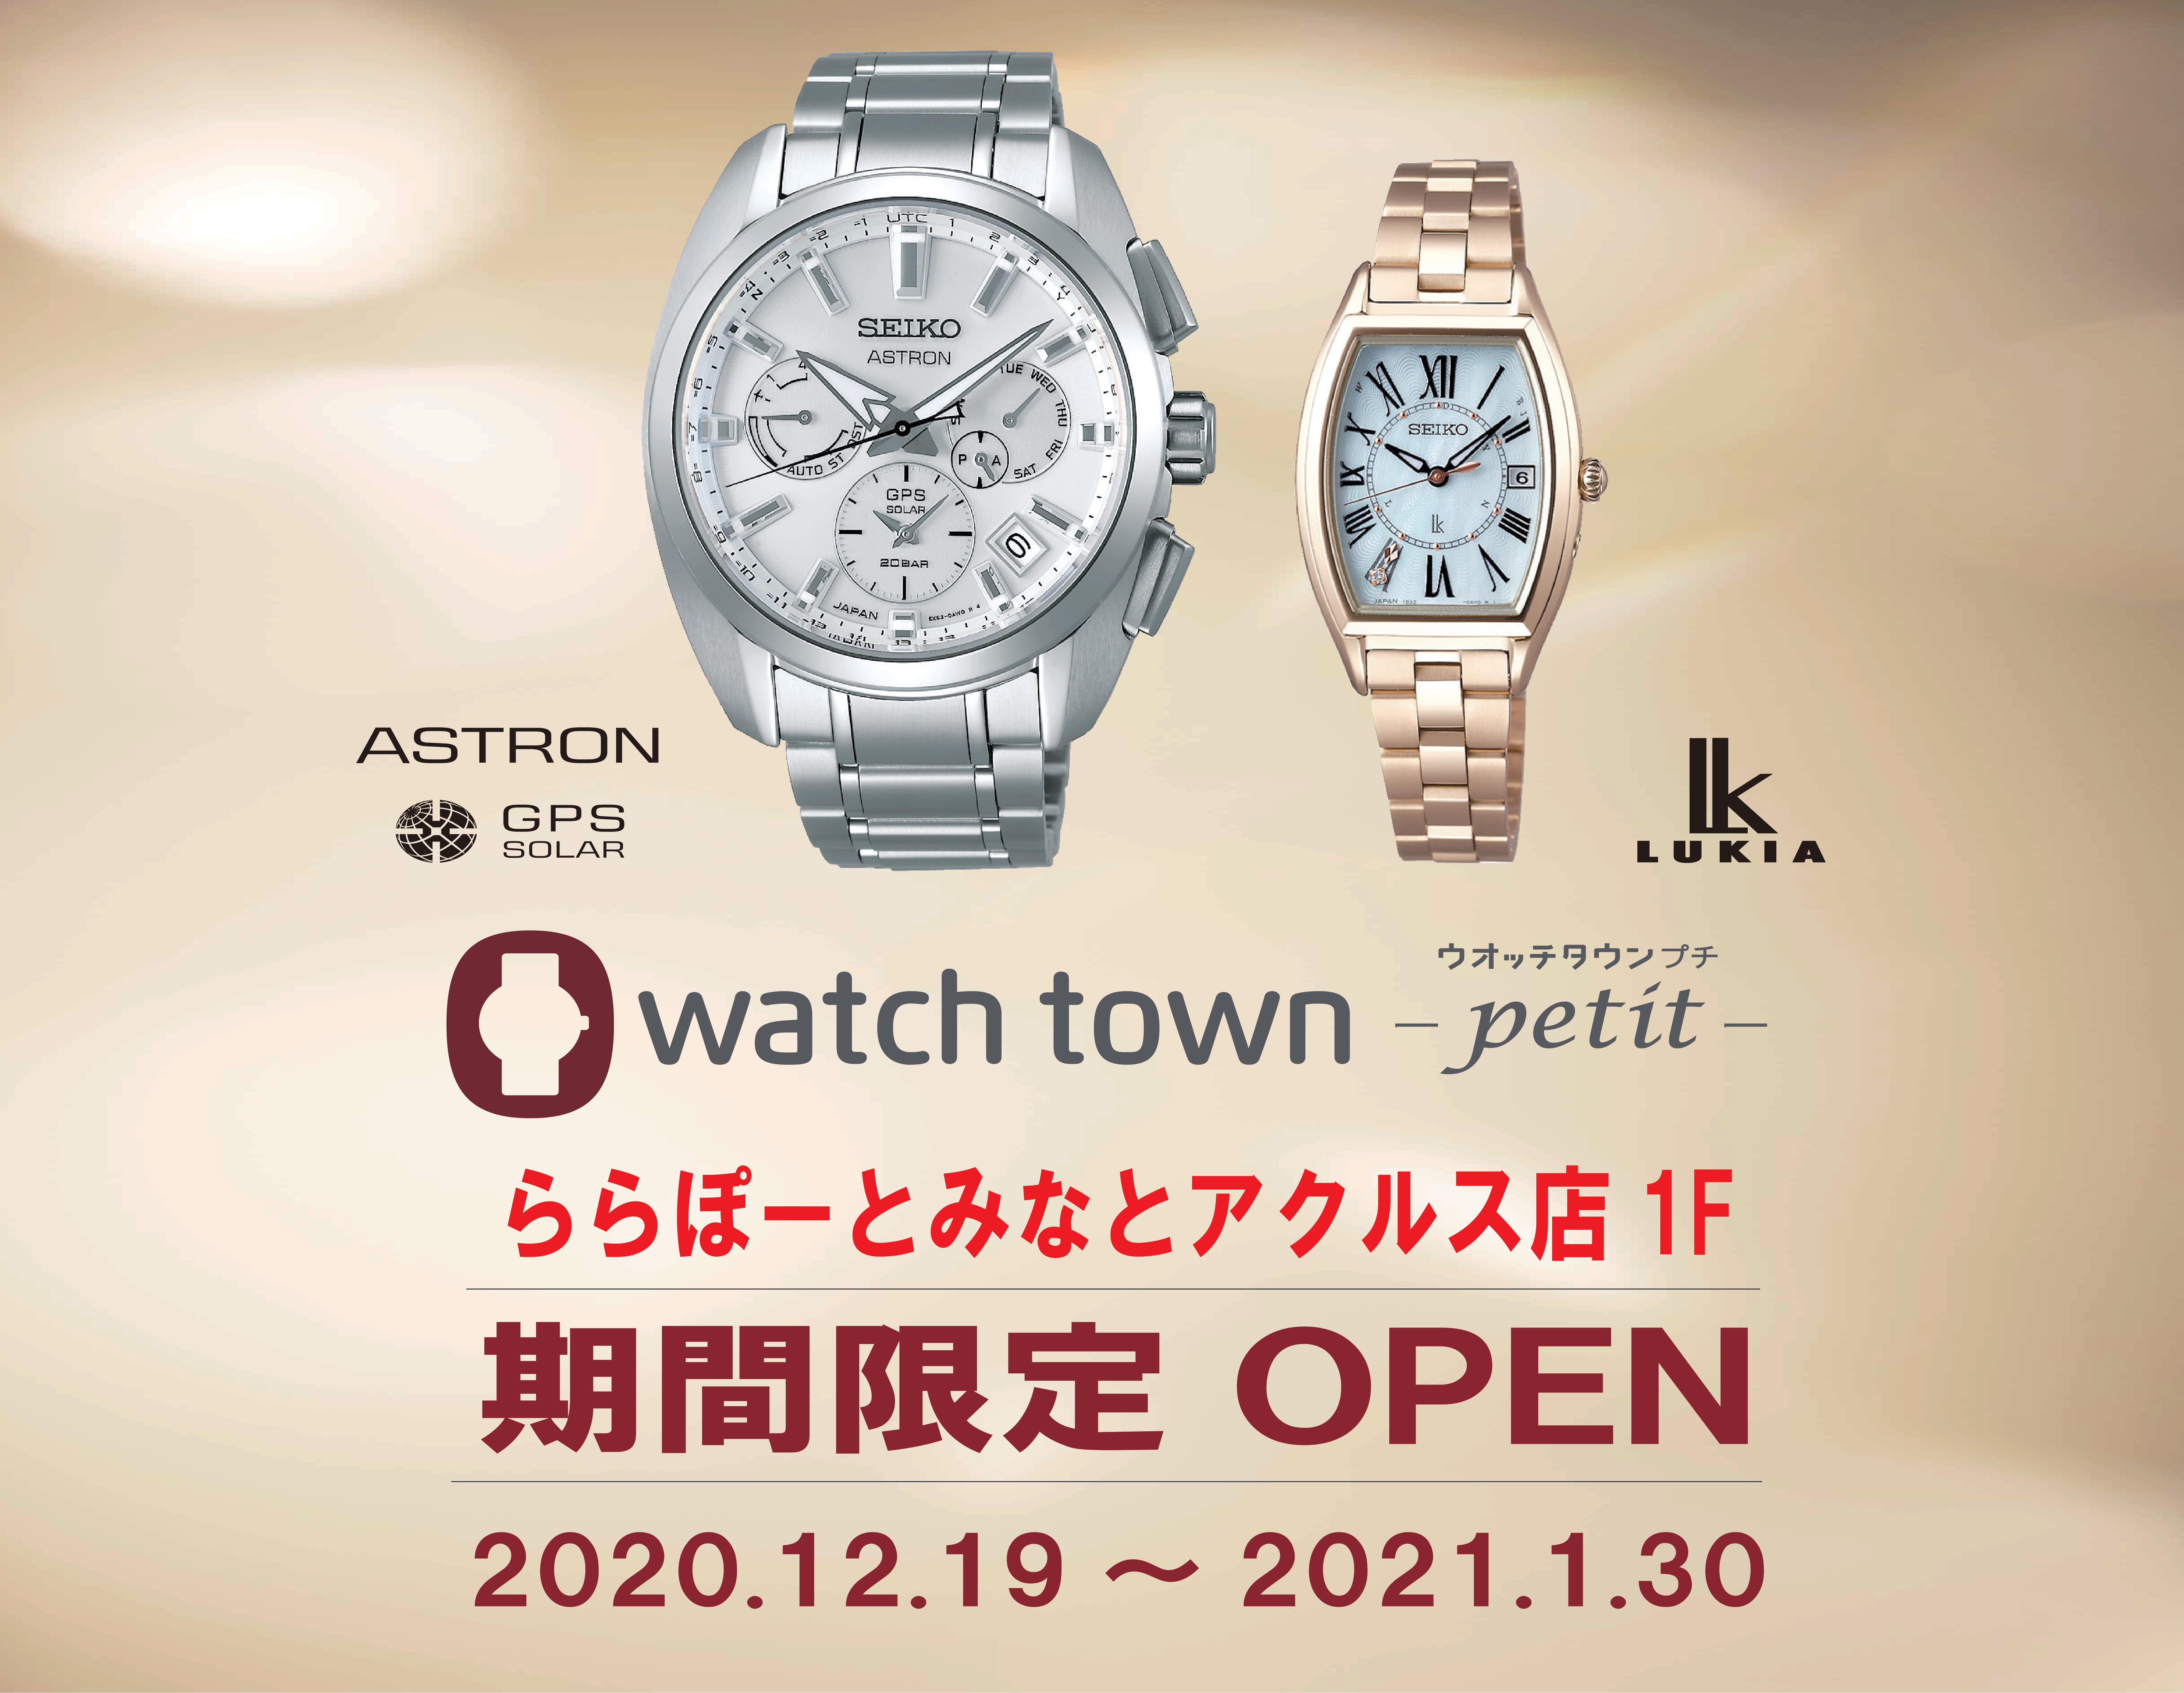 ららぽーとみなとアクルス店1Fにwatch town-Petit-オープン!